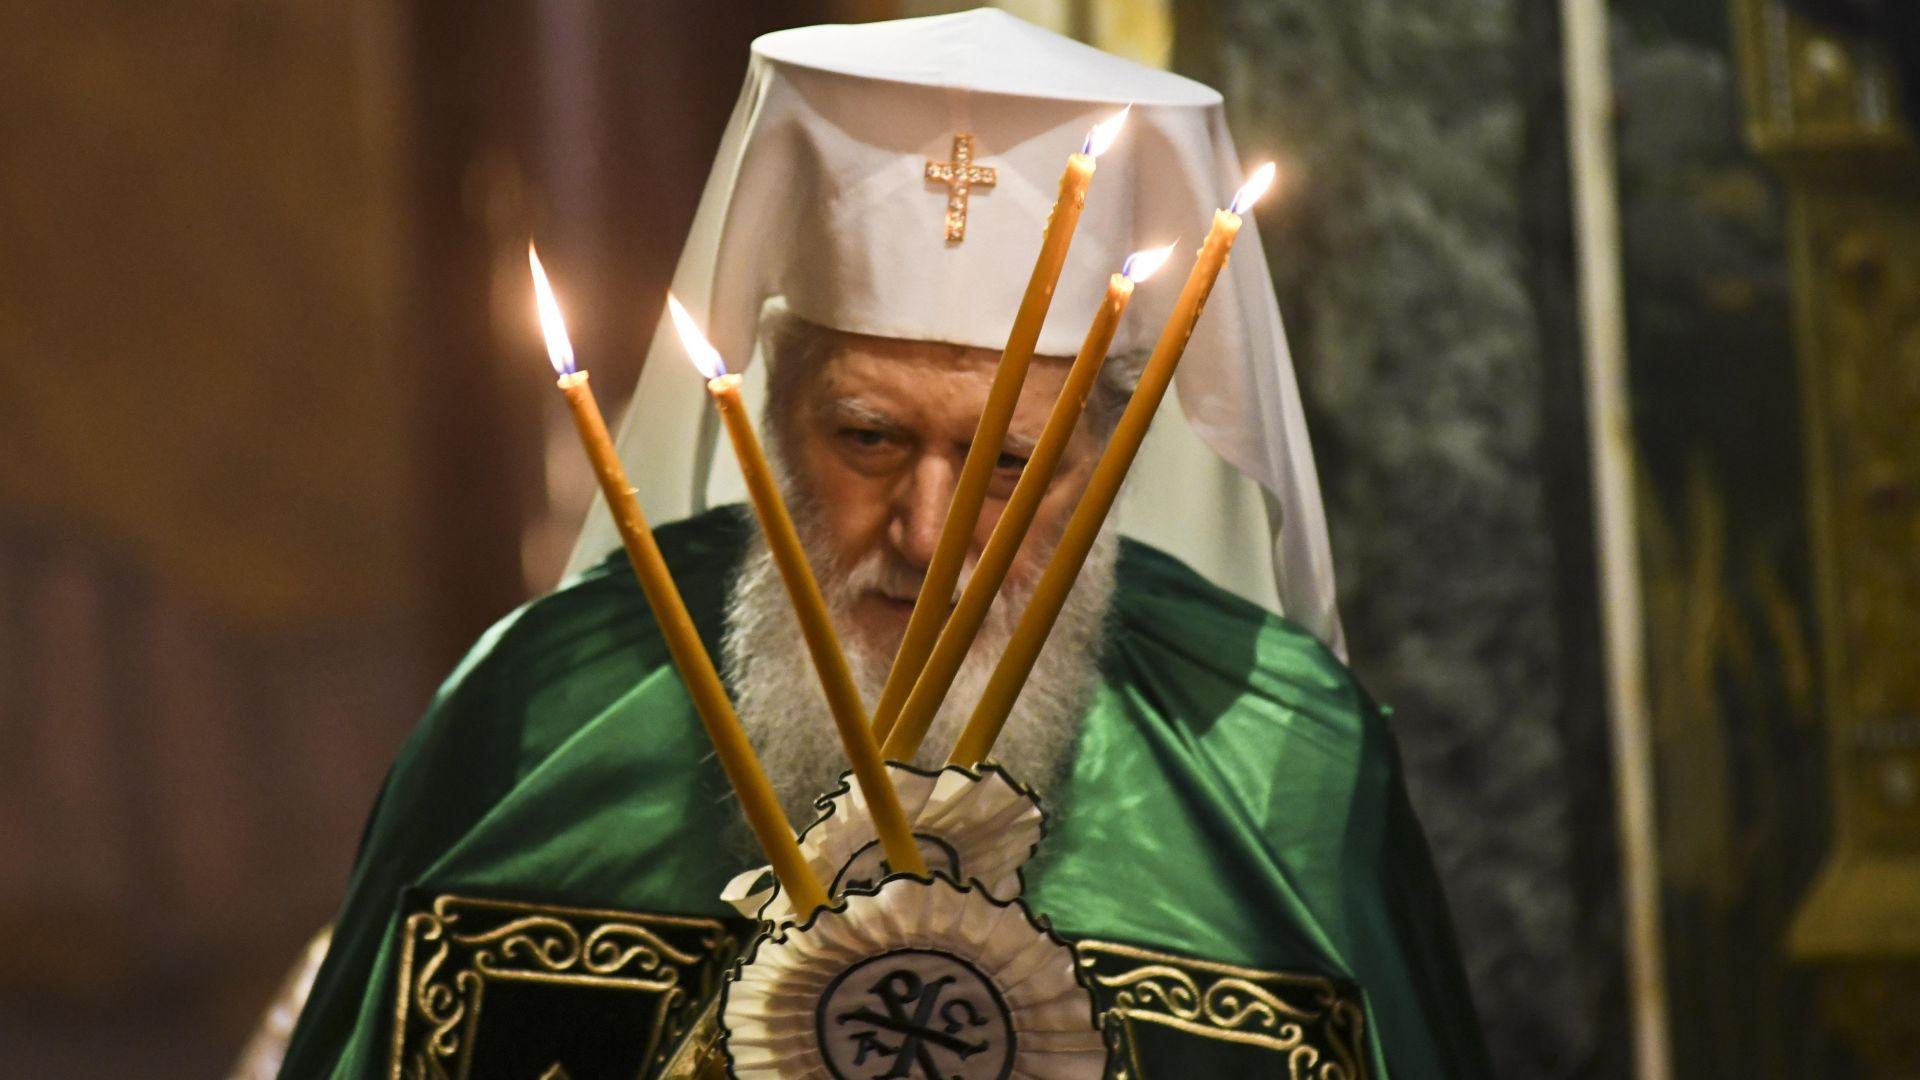 Църквата изказа съболезнования на близките на загиналите